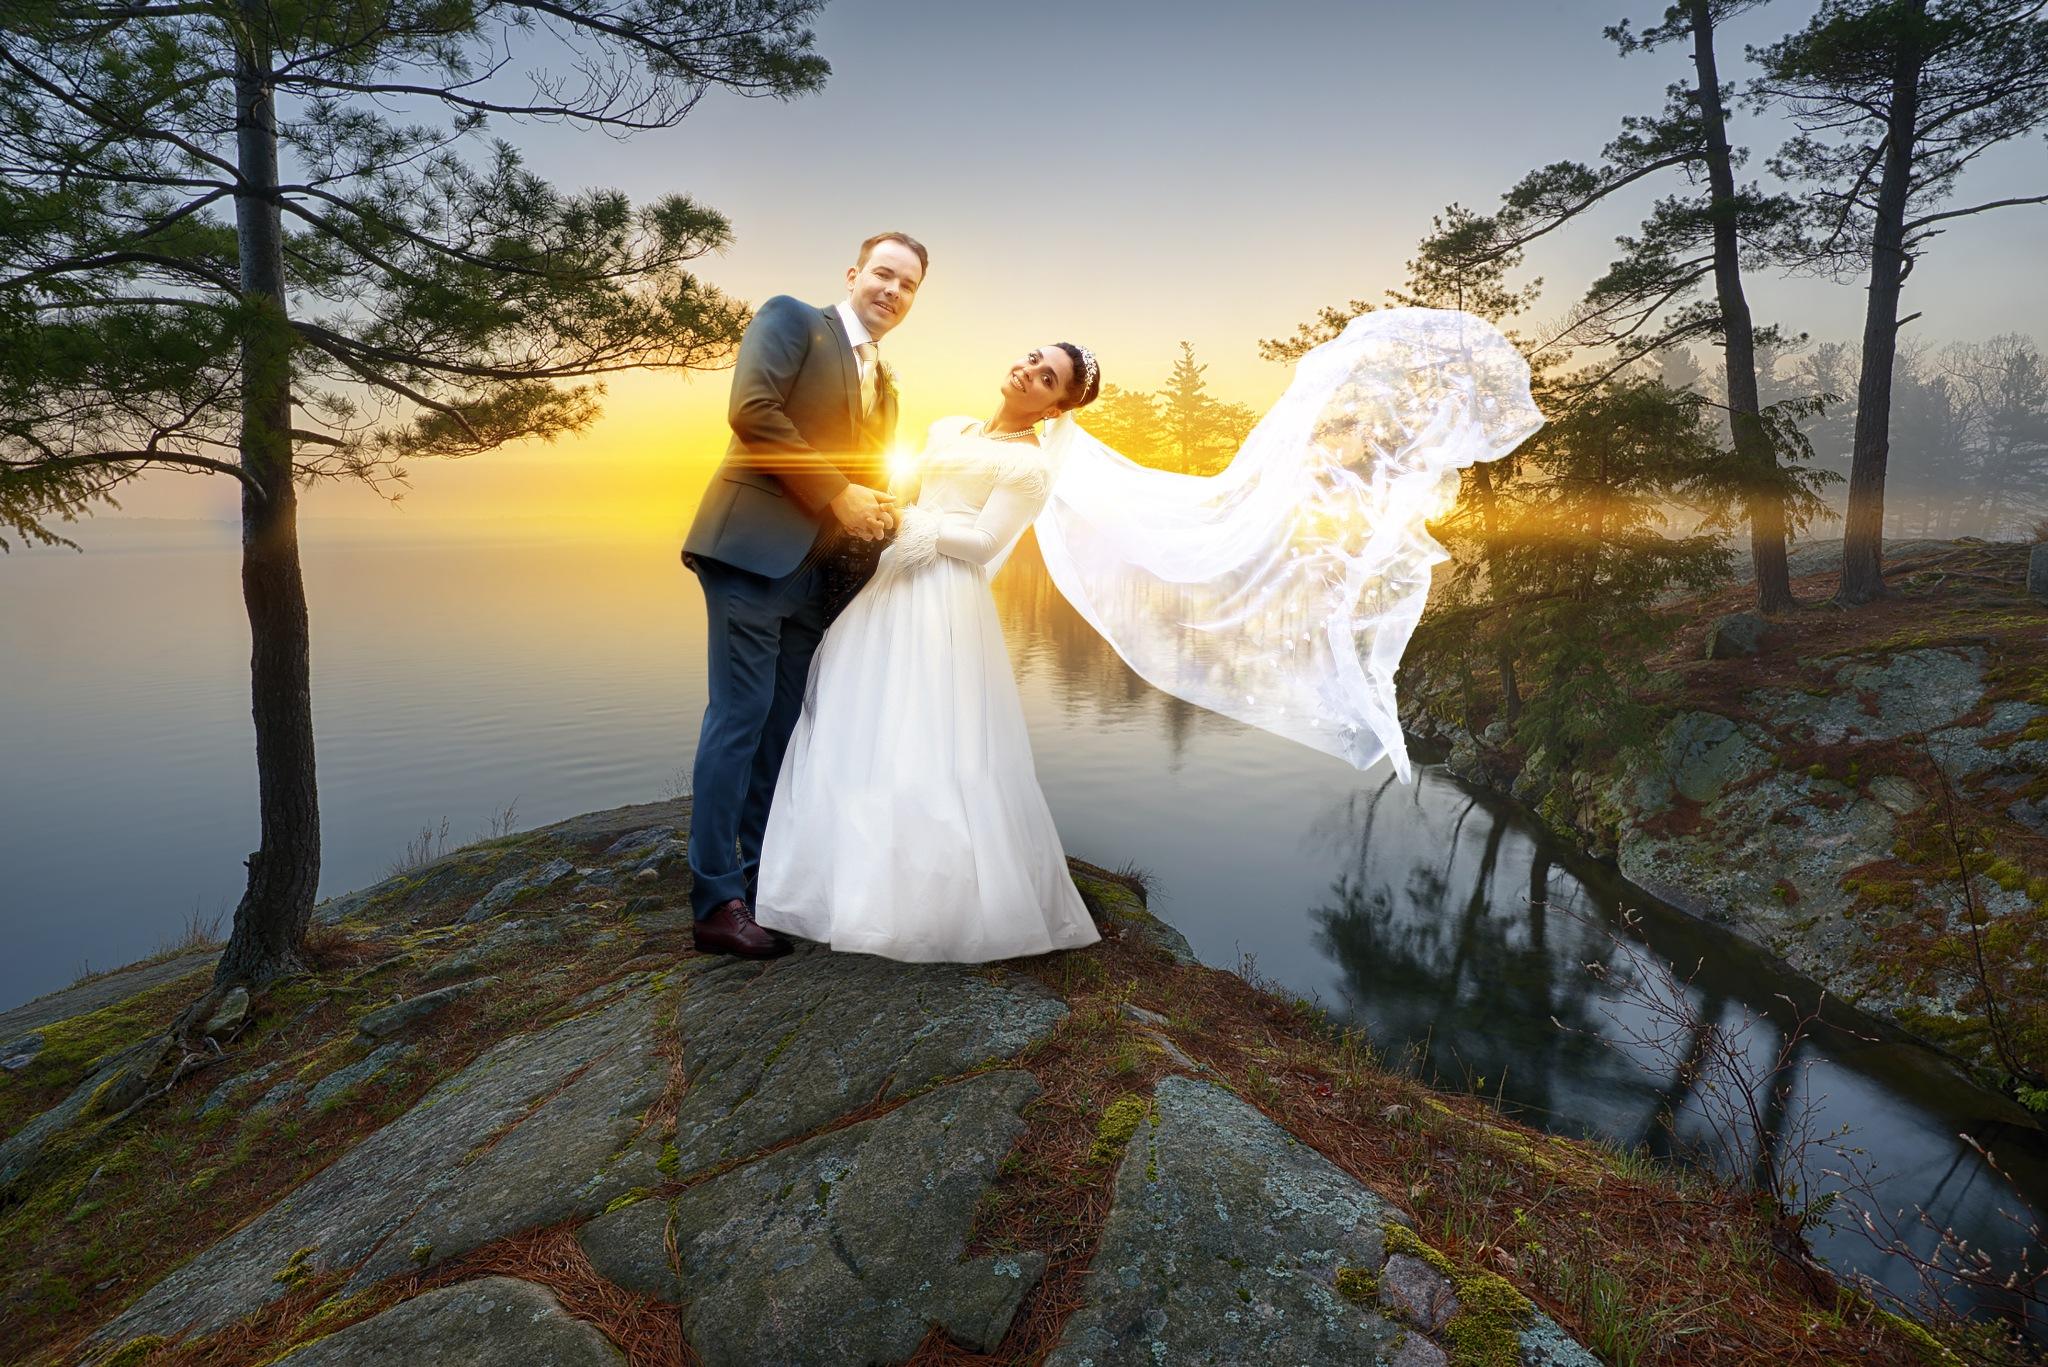 wedding by Soheil Sohii